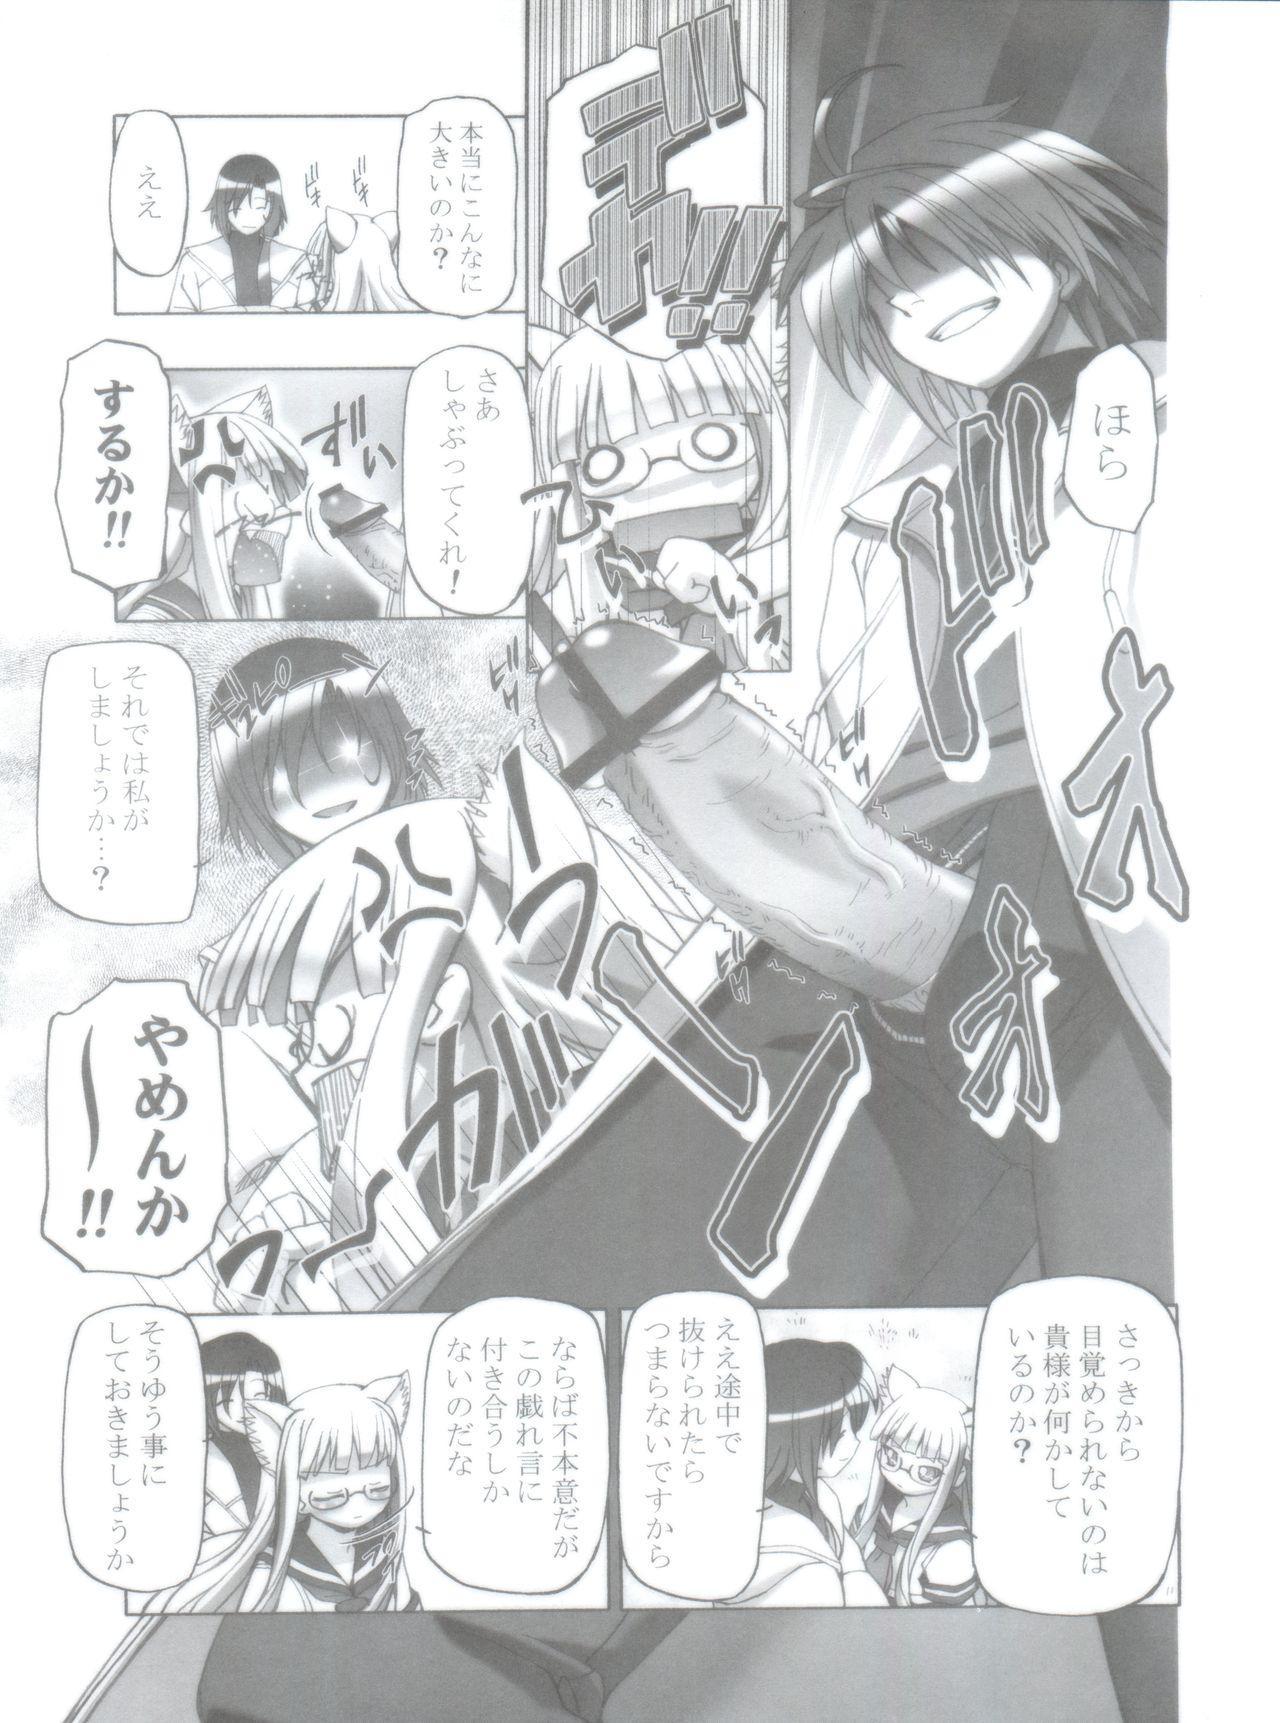 Mahora Gakuen Tyuutoubu 3-A Soushuuhen Vol. 1 28